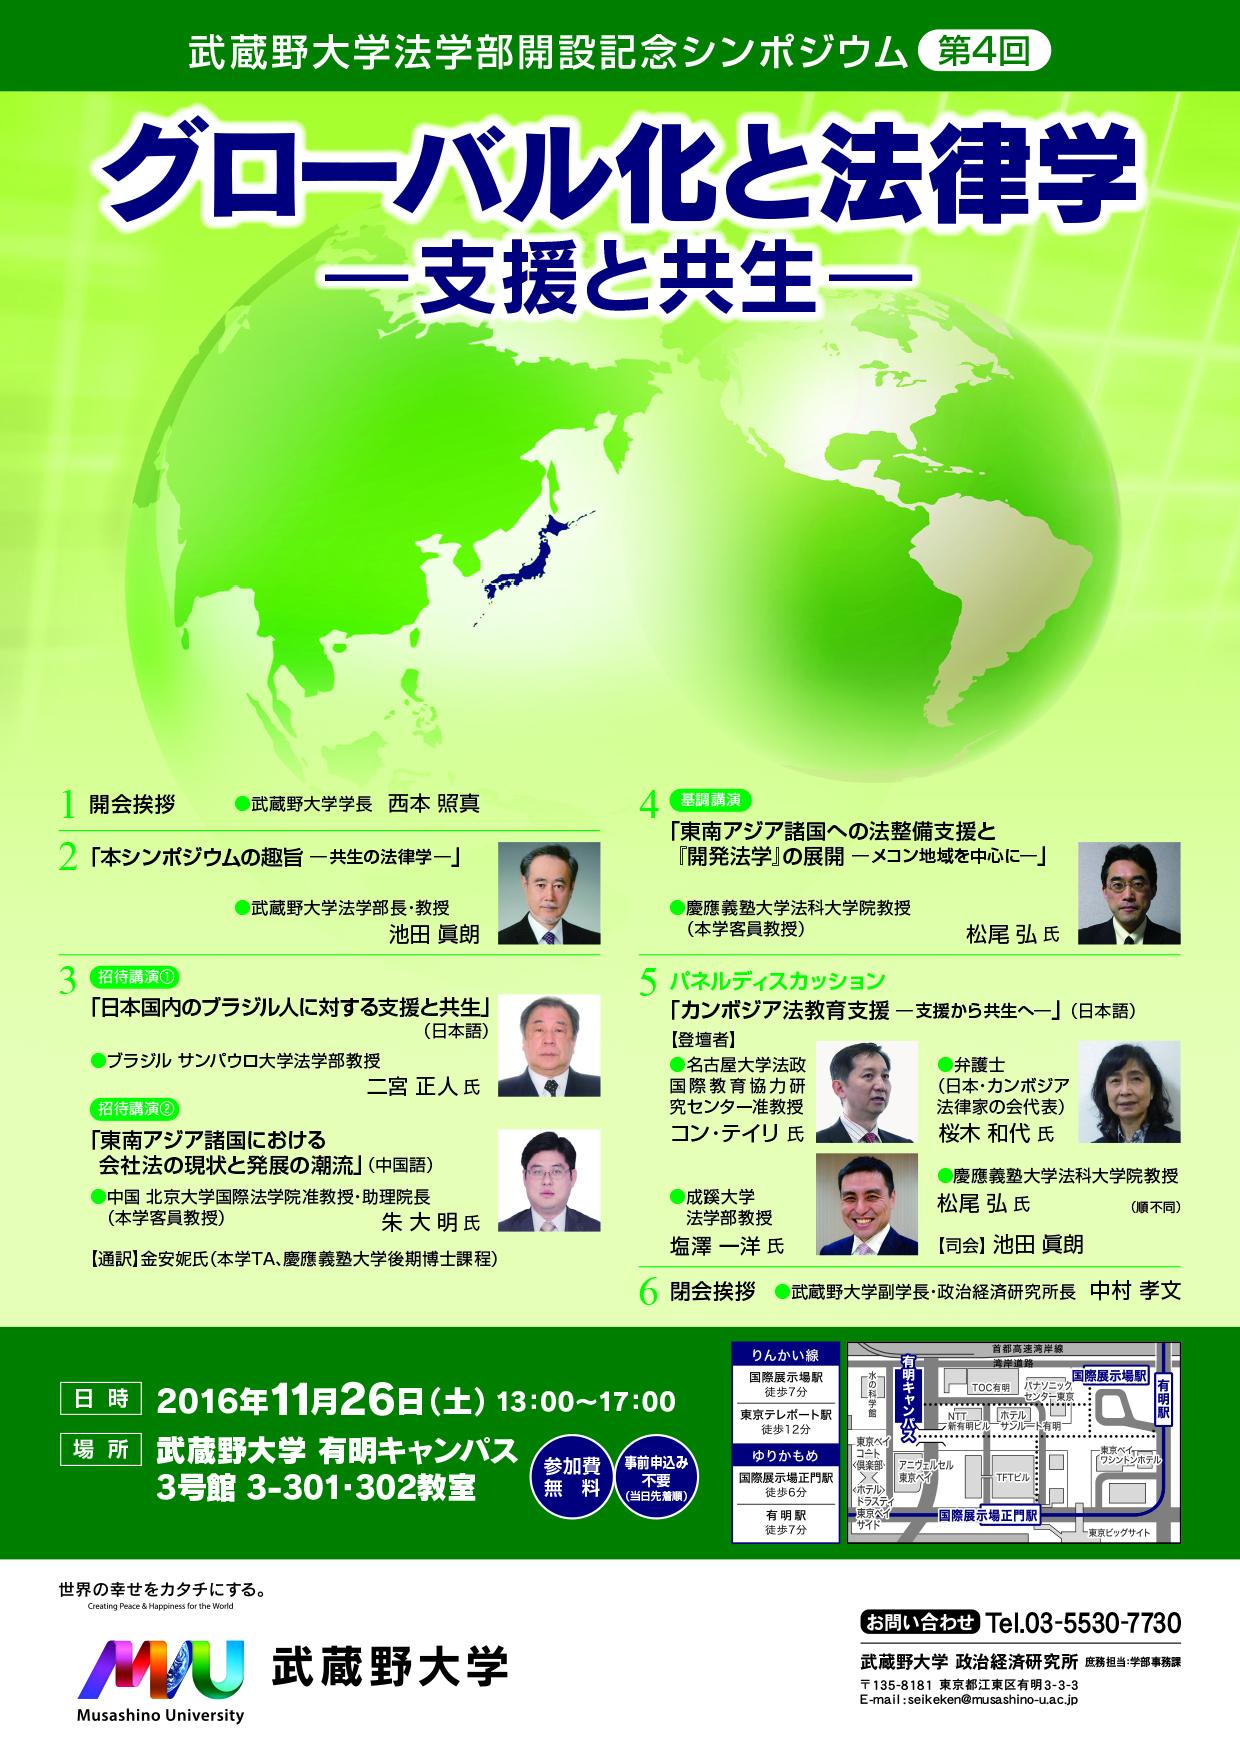 第4回法学部開設記念シンポジウム開催のお知らせ -- 11月26日(土)13時~17時 @有明キャンパス -- 武蔵野大学